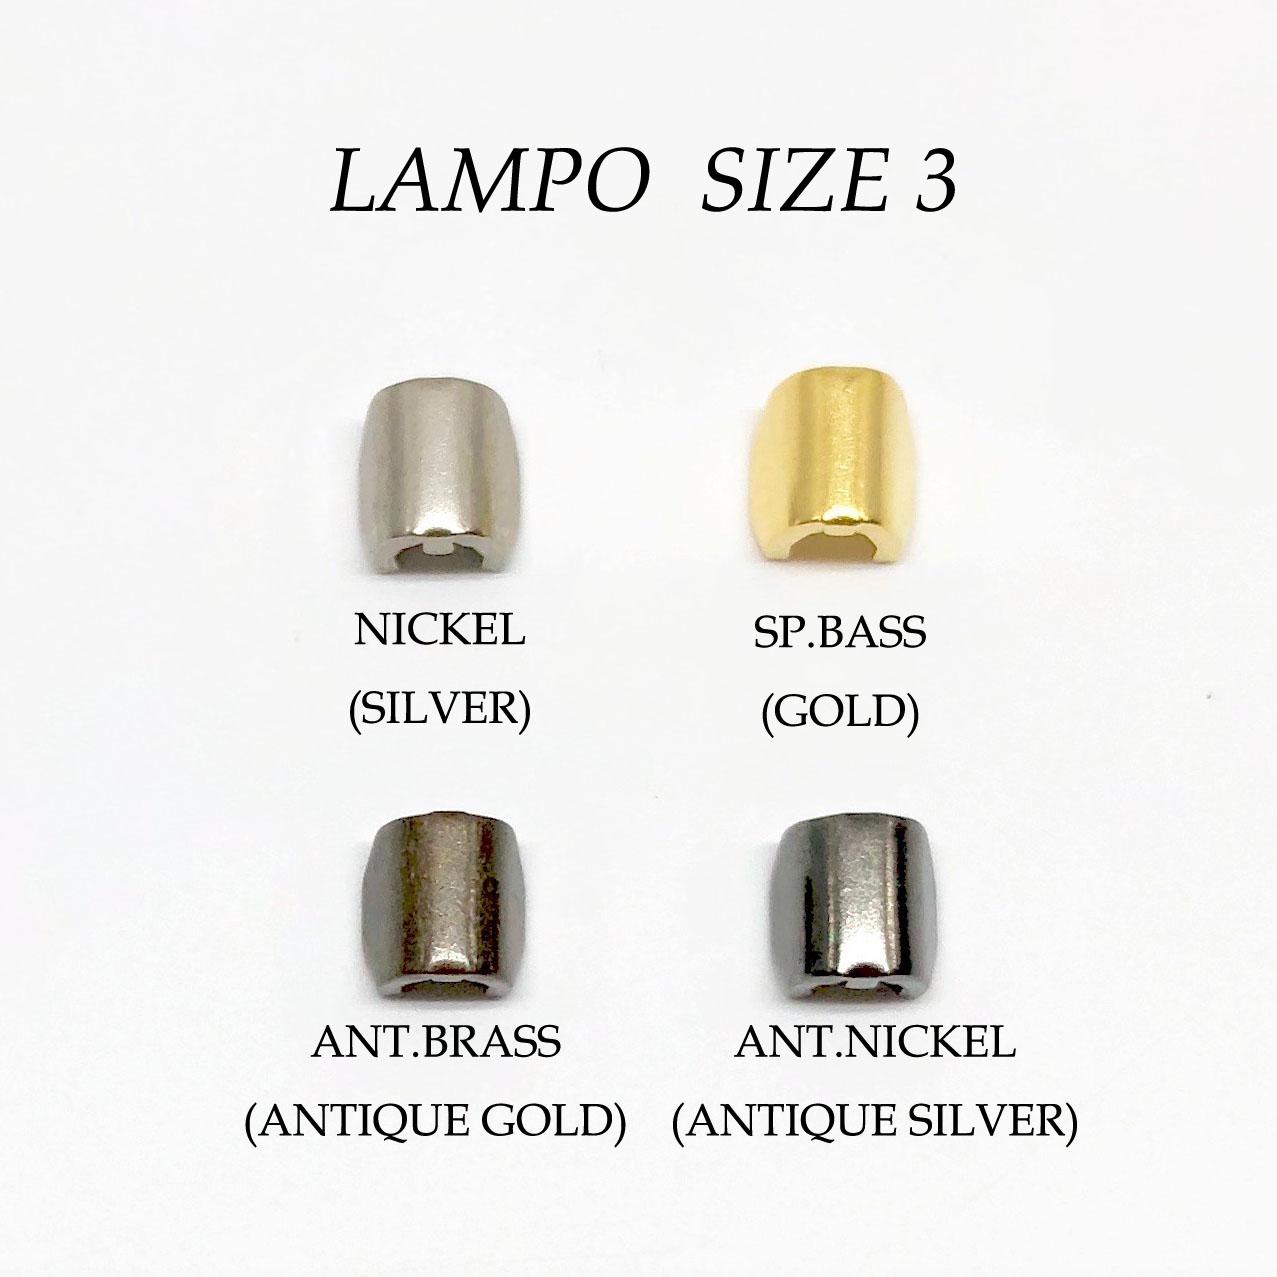 283S スーパーランポファスナー 上止 サイズ3専用 LAMPO(GIOVANNI LANFRANCHI SPA)/オークラ商事 - ApparelX アパレル資材卸通販